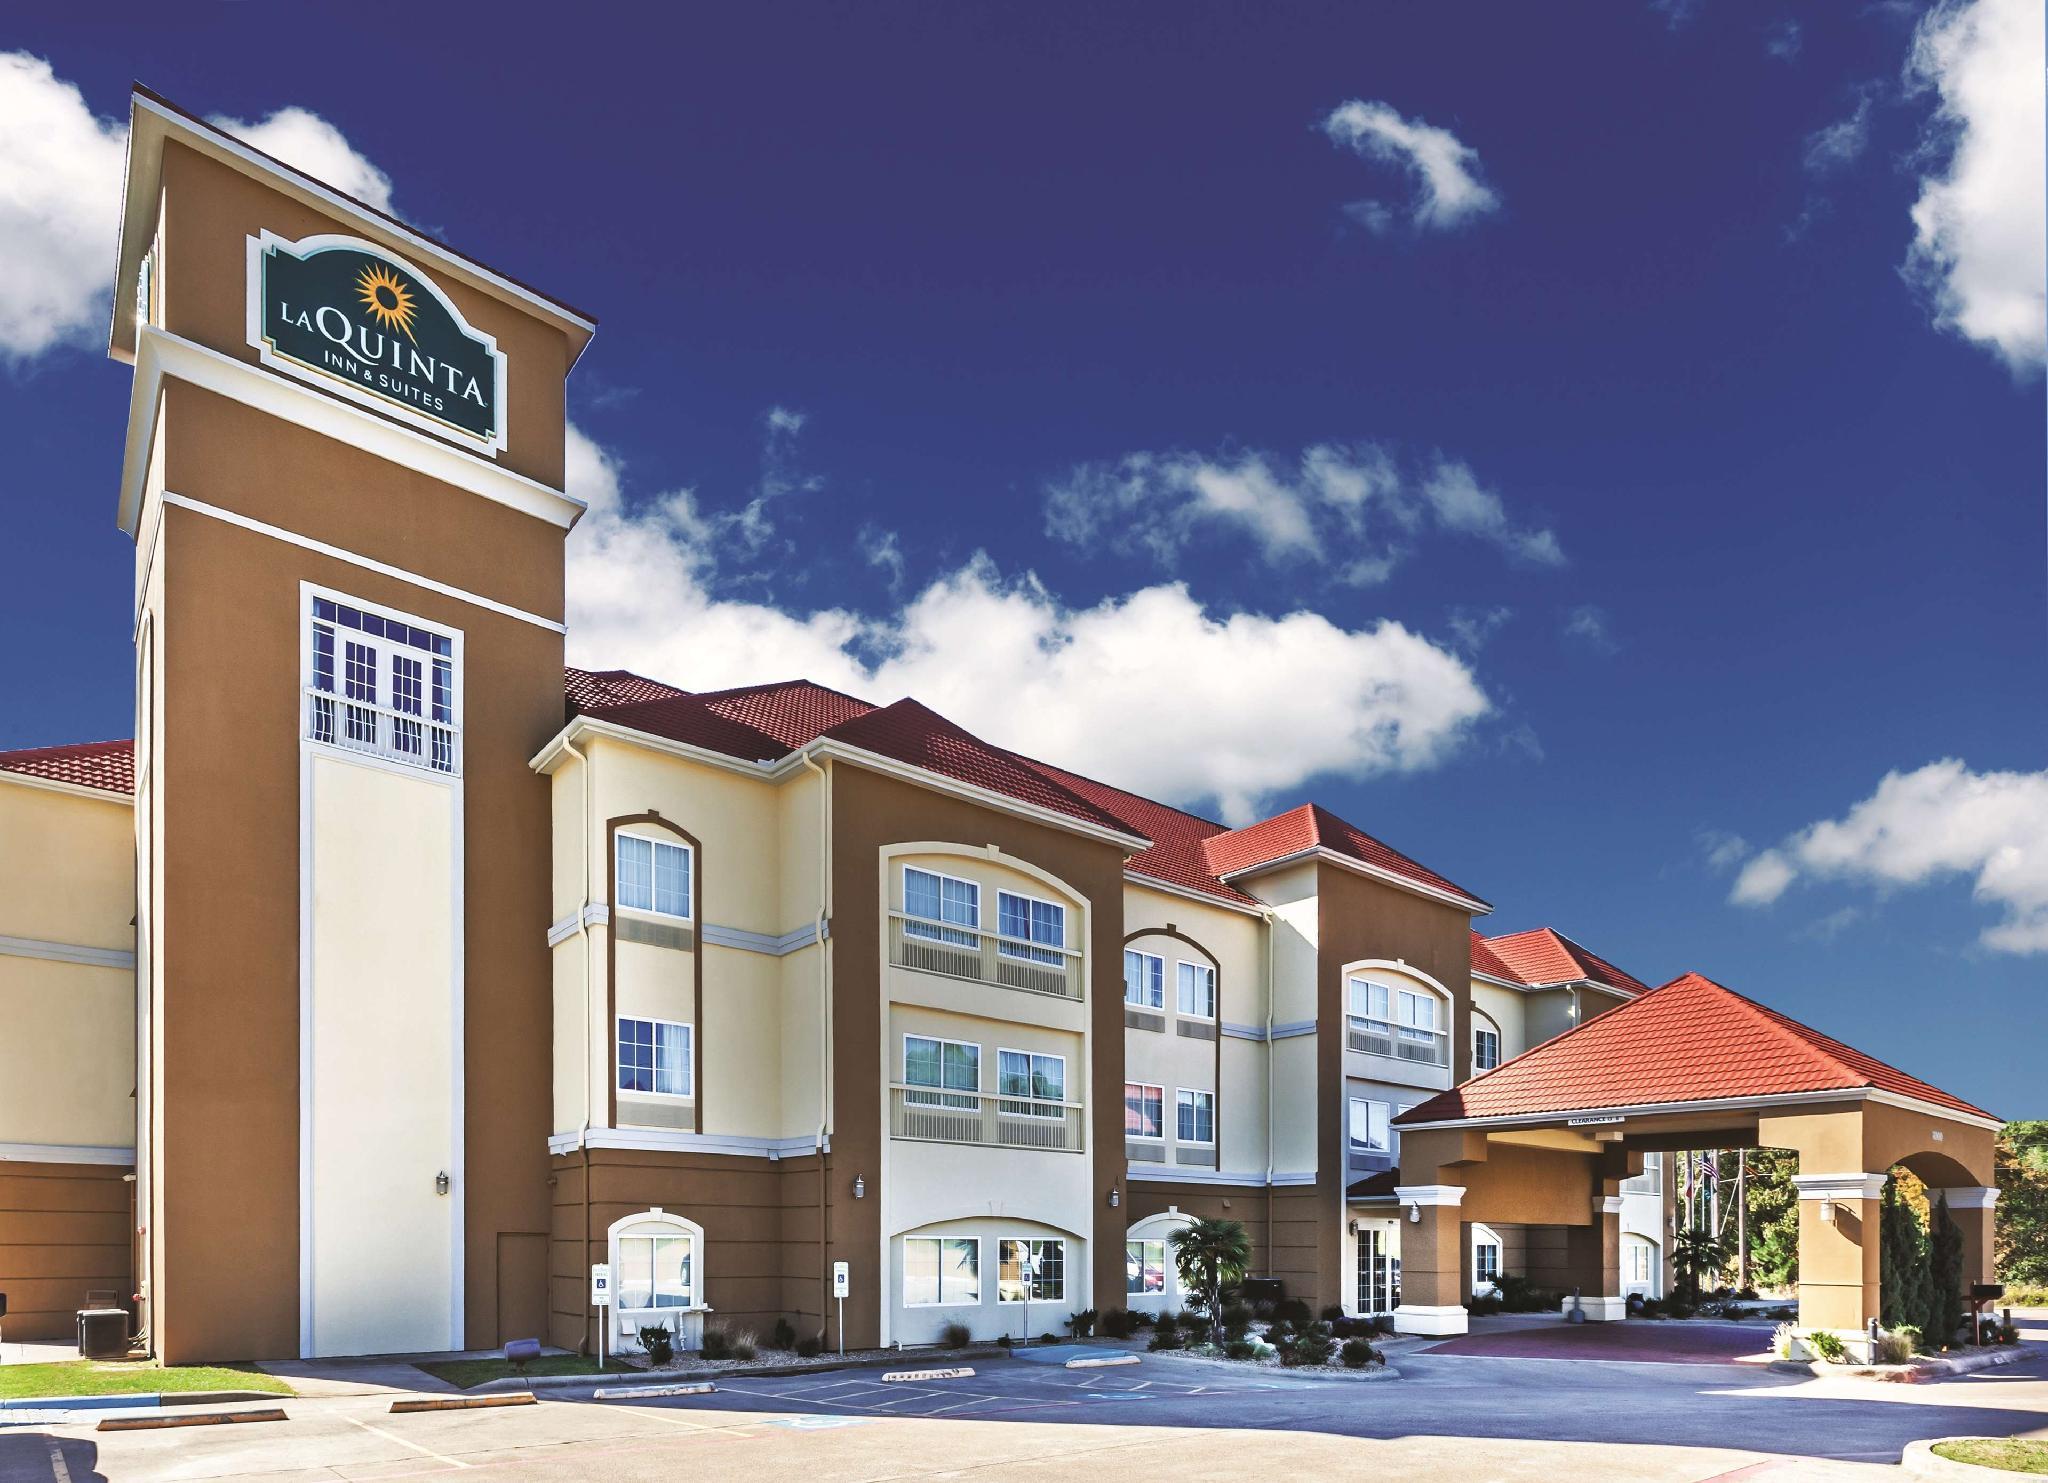 La Quinta Inn And Suites By Wyndham Palestine